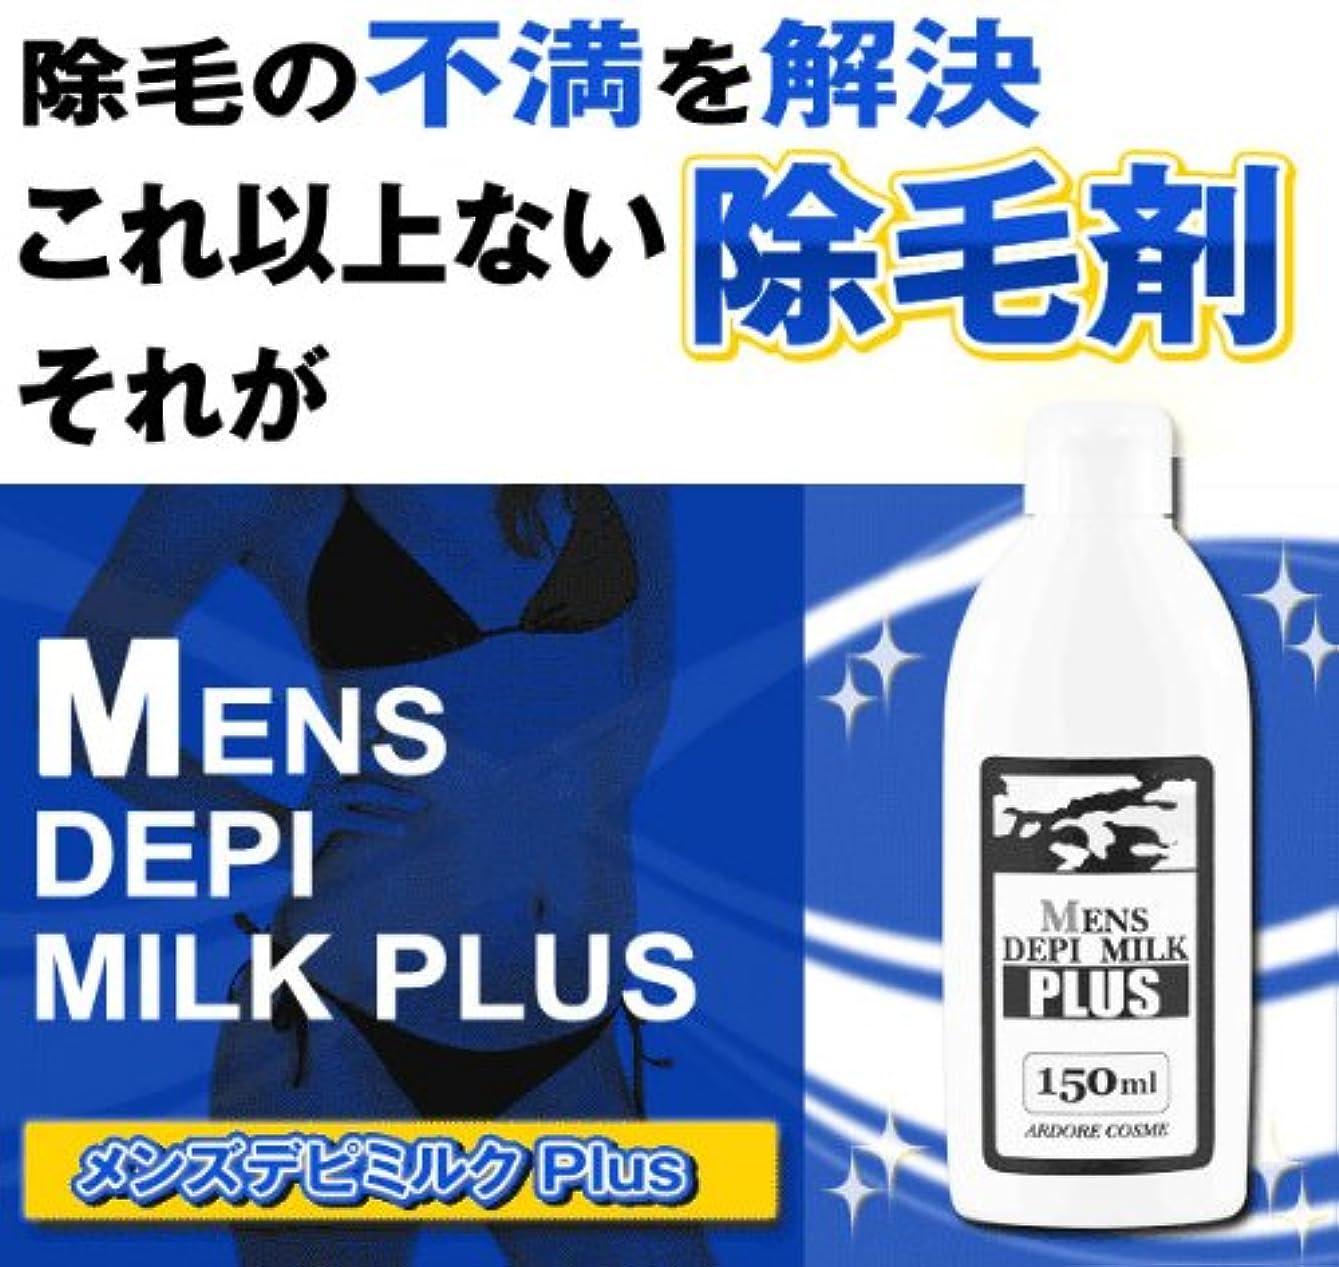 デッキ野な拡張薬用メンズデピミルクプラス 150ml(薬用除毛クリーム)医薬部外品